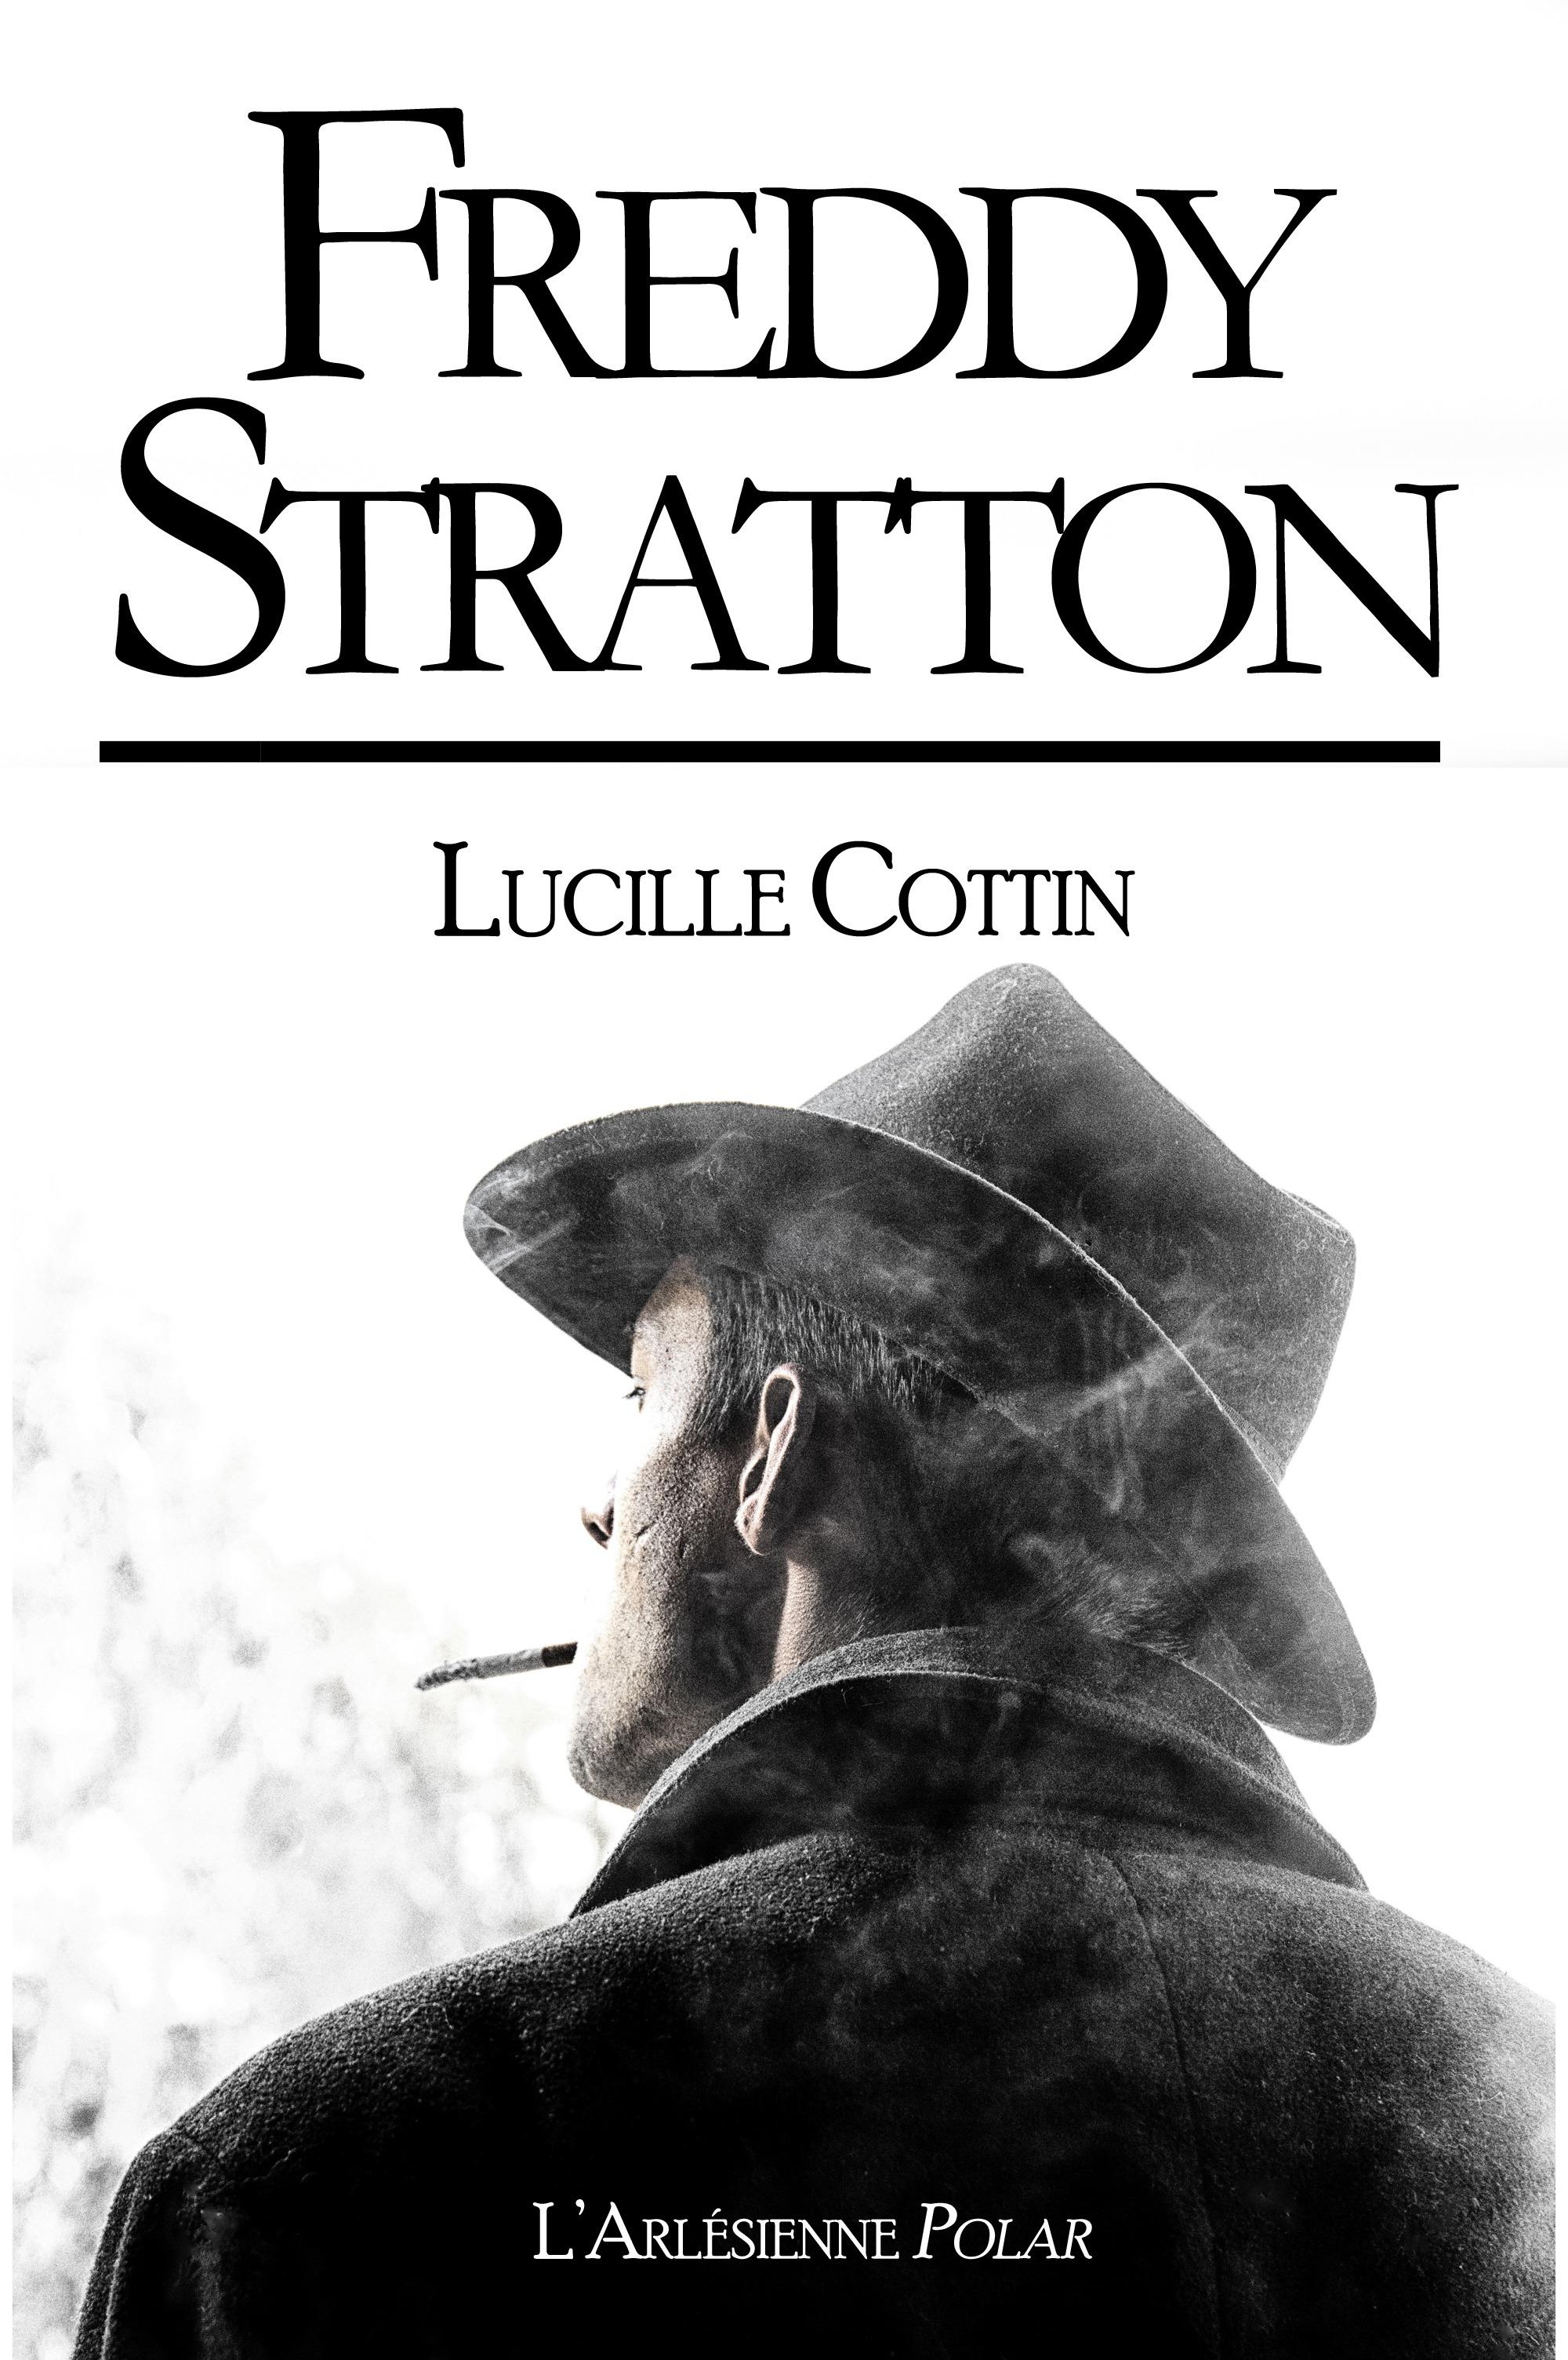 Freddy Stratton, RECUEIL DE 3 NOVELLAS, ÉDITION BLANCHE